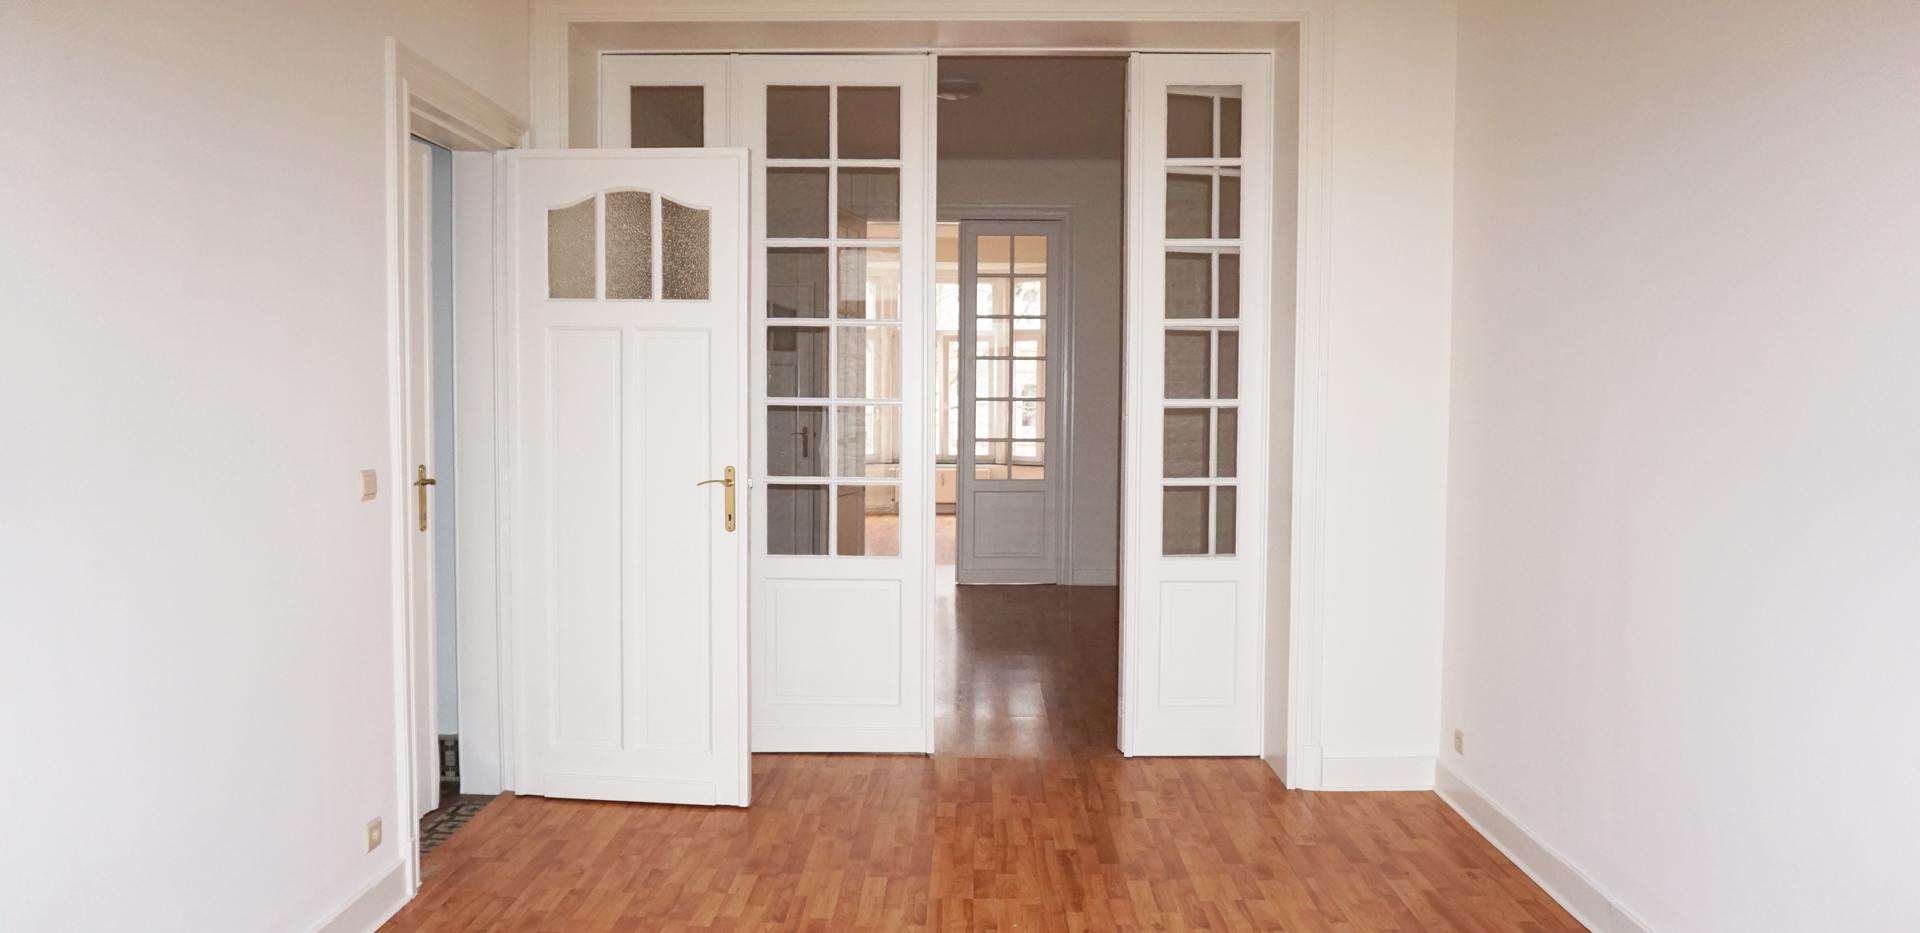 Peinture Intérieur - Coté Chambre